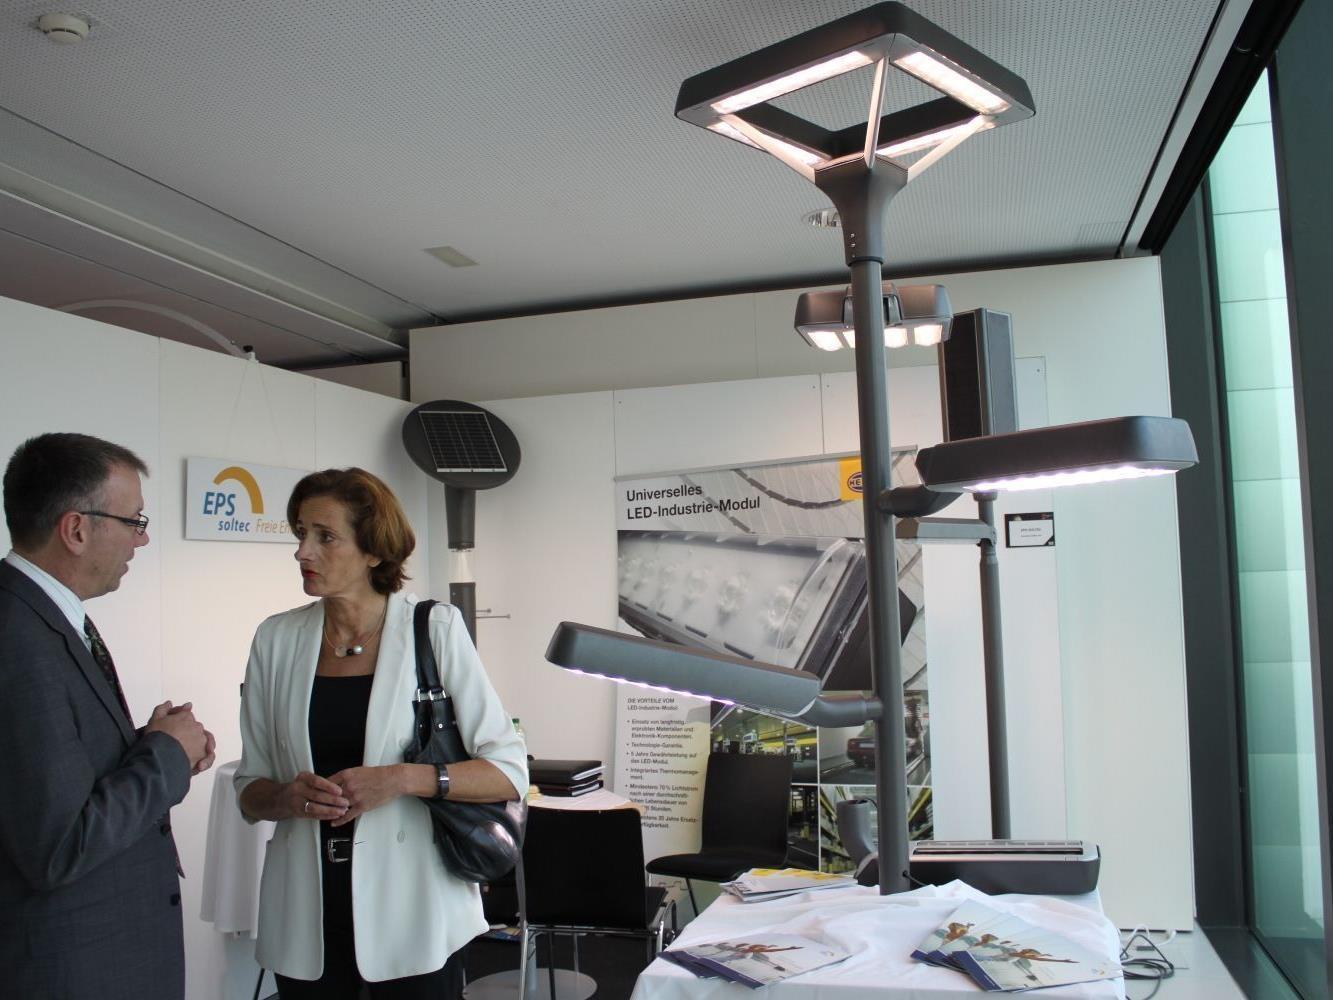 Erfolgreich war der Auftritt von EPS soltec Solartechnik und HELLA beim LED-Symposium im Festspielhaus in Bregenz.